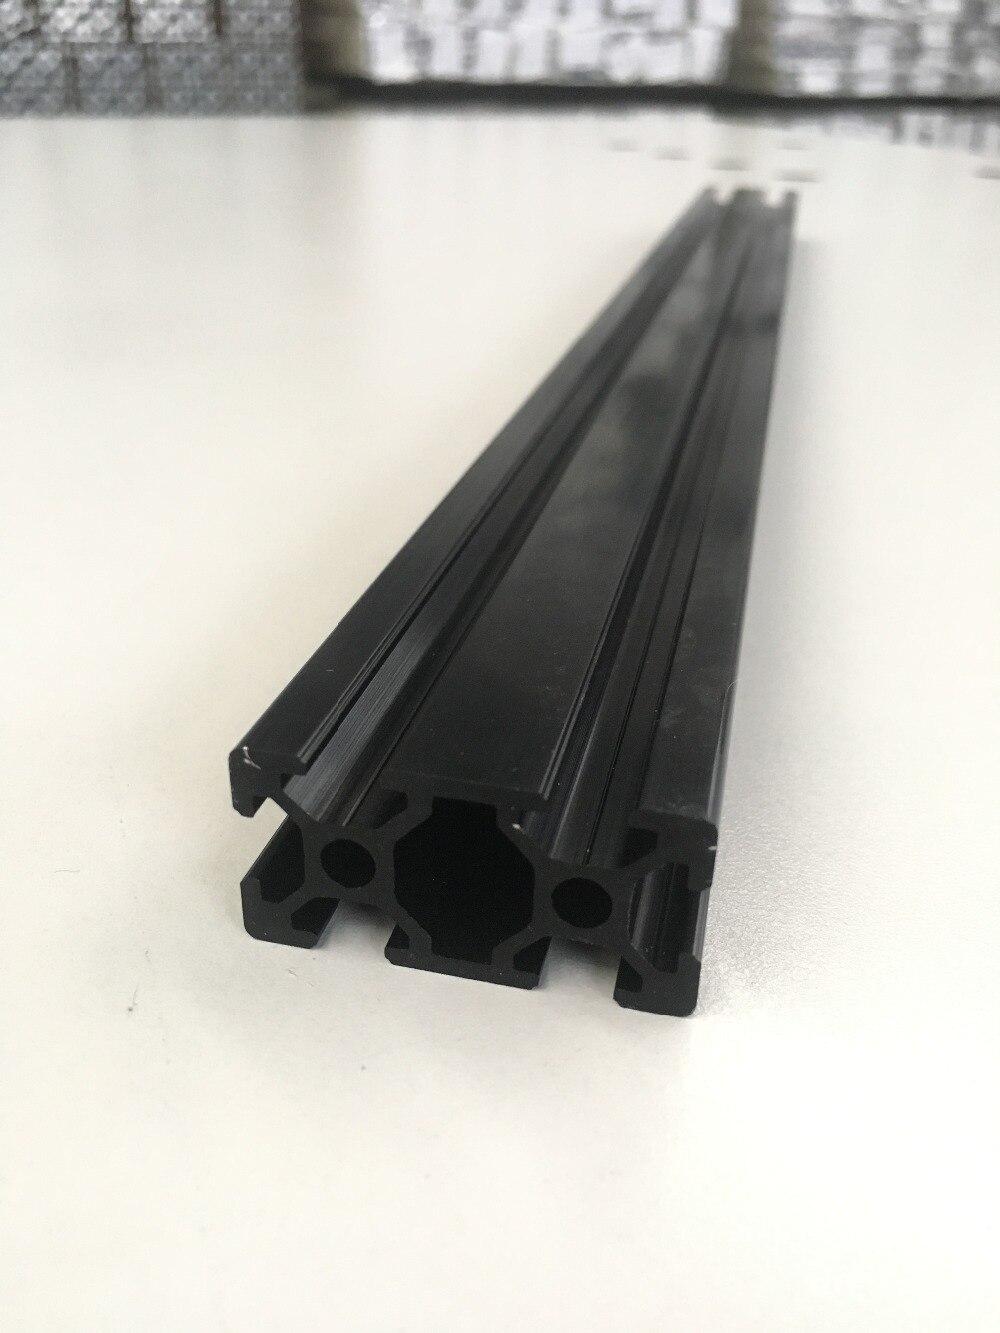 Fijn Cnc 3d Printer Onderdelen Europese Standaard Geanodiseerd Lineaire Rail Aluminium Profiel Extrusie Voor Diy 3d Printer Zwart 2040